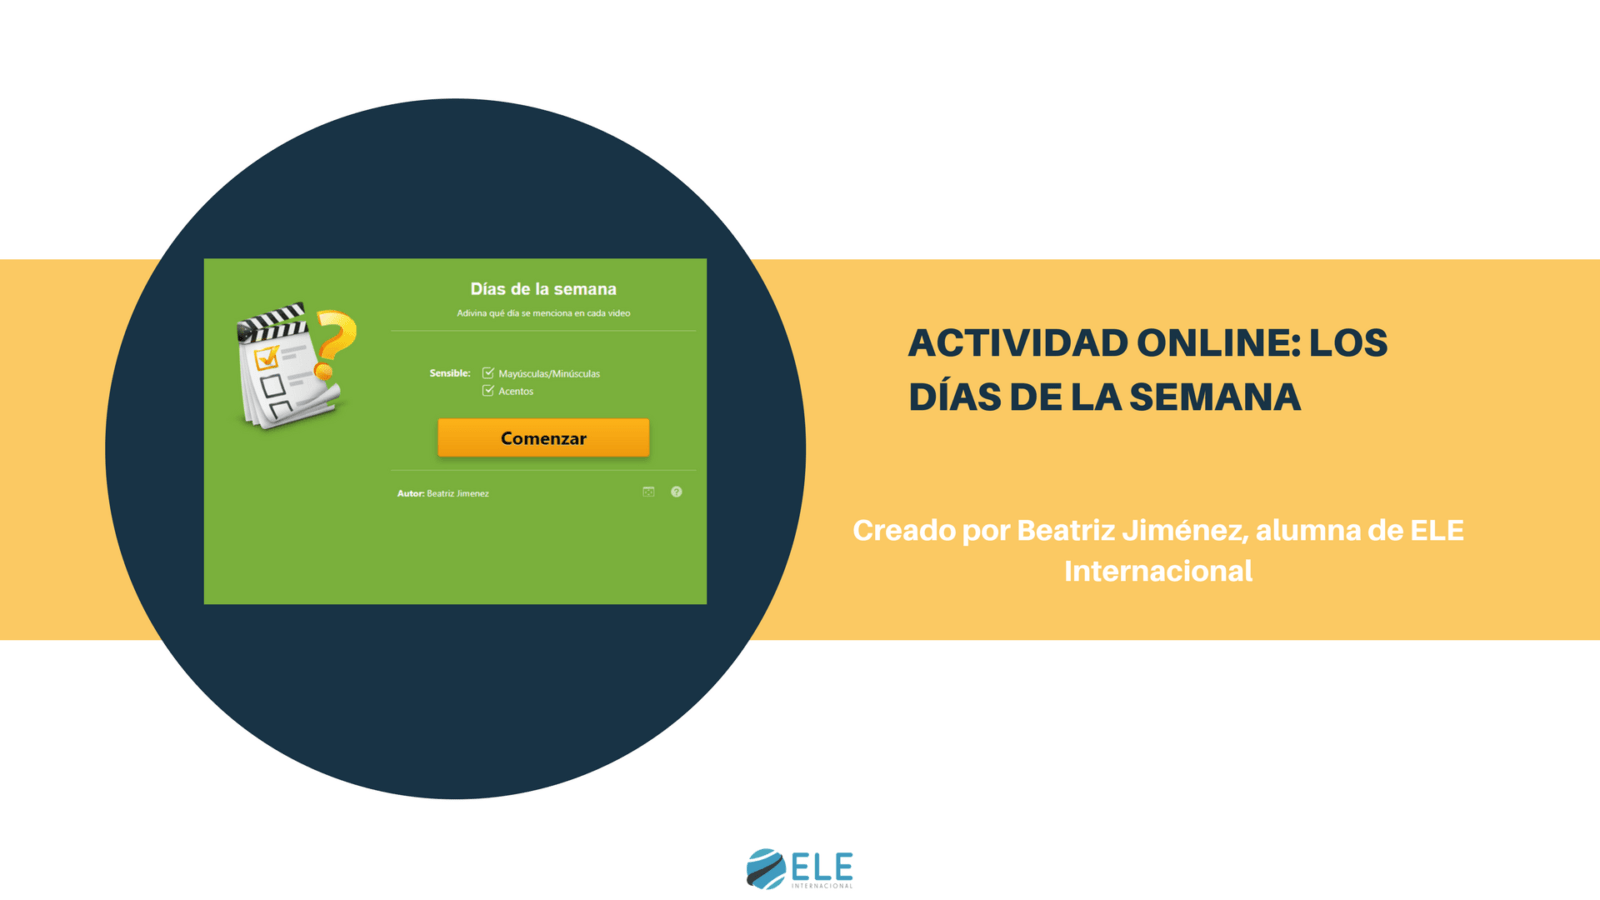 Actividad online sobre los días de la semana. #onlineactivity #clasedeele